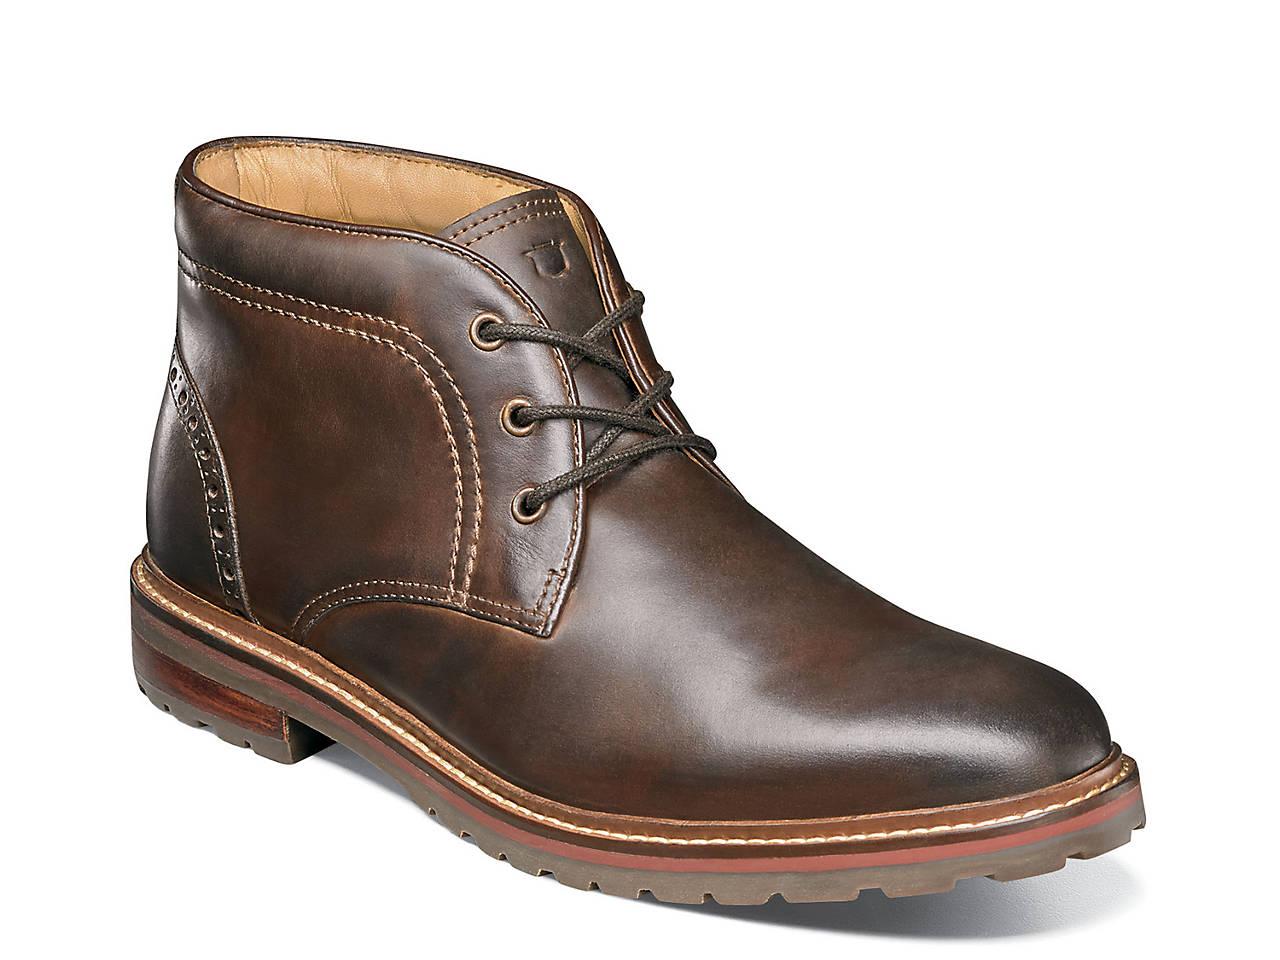 0817daf92dc Fenway Chukka Boot